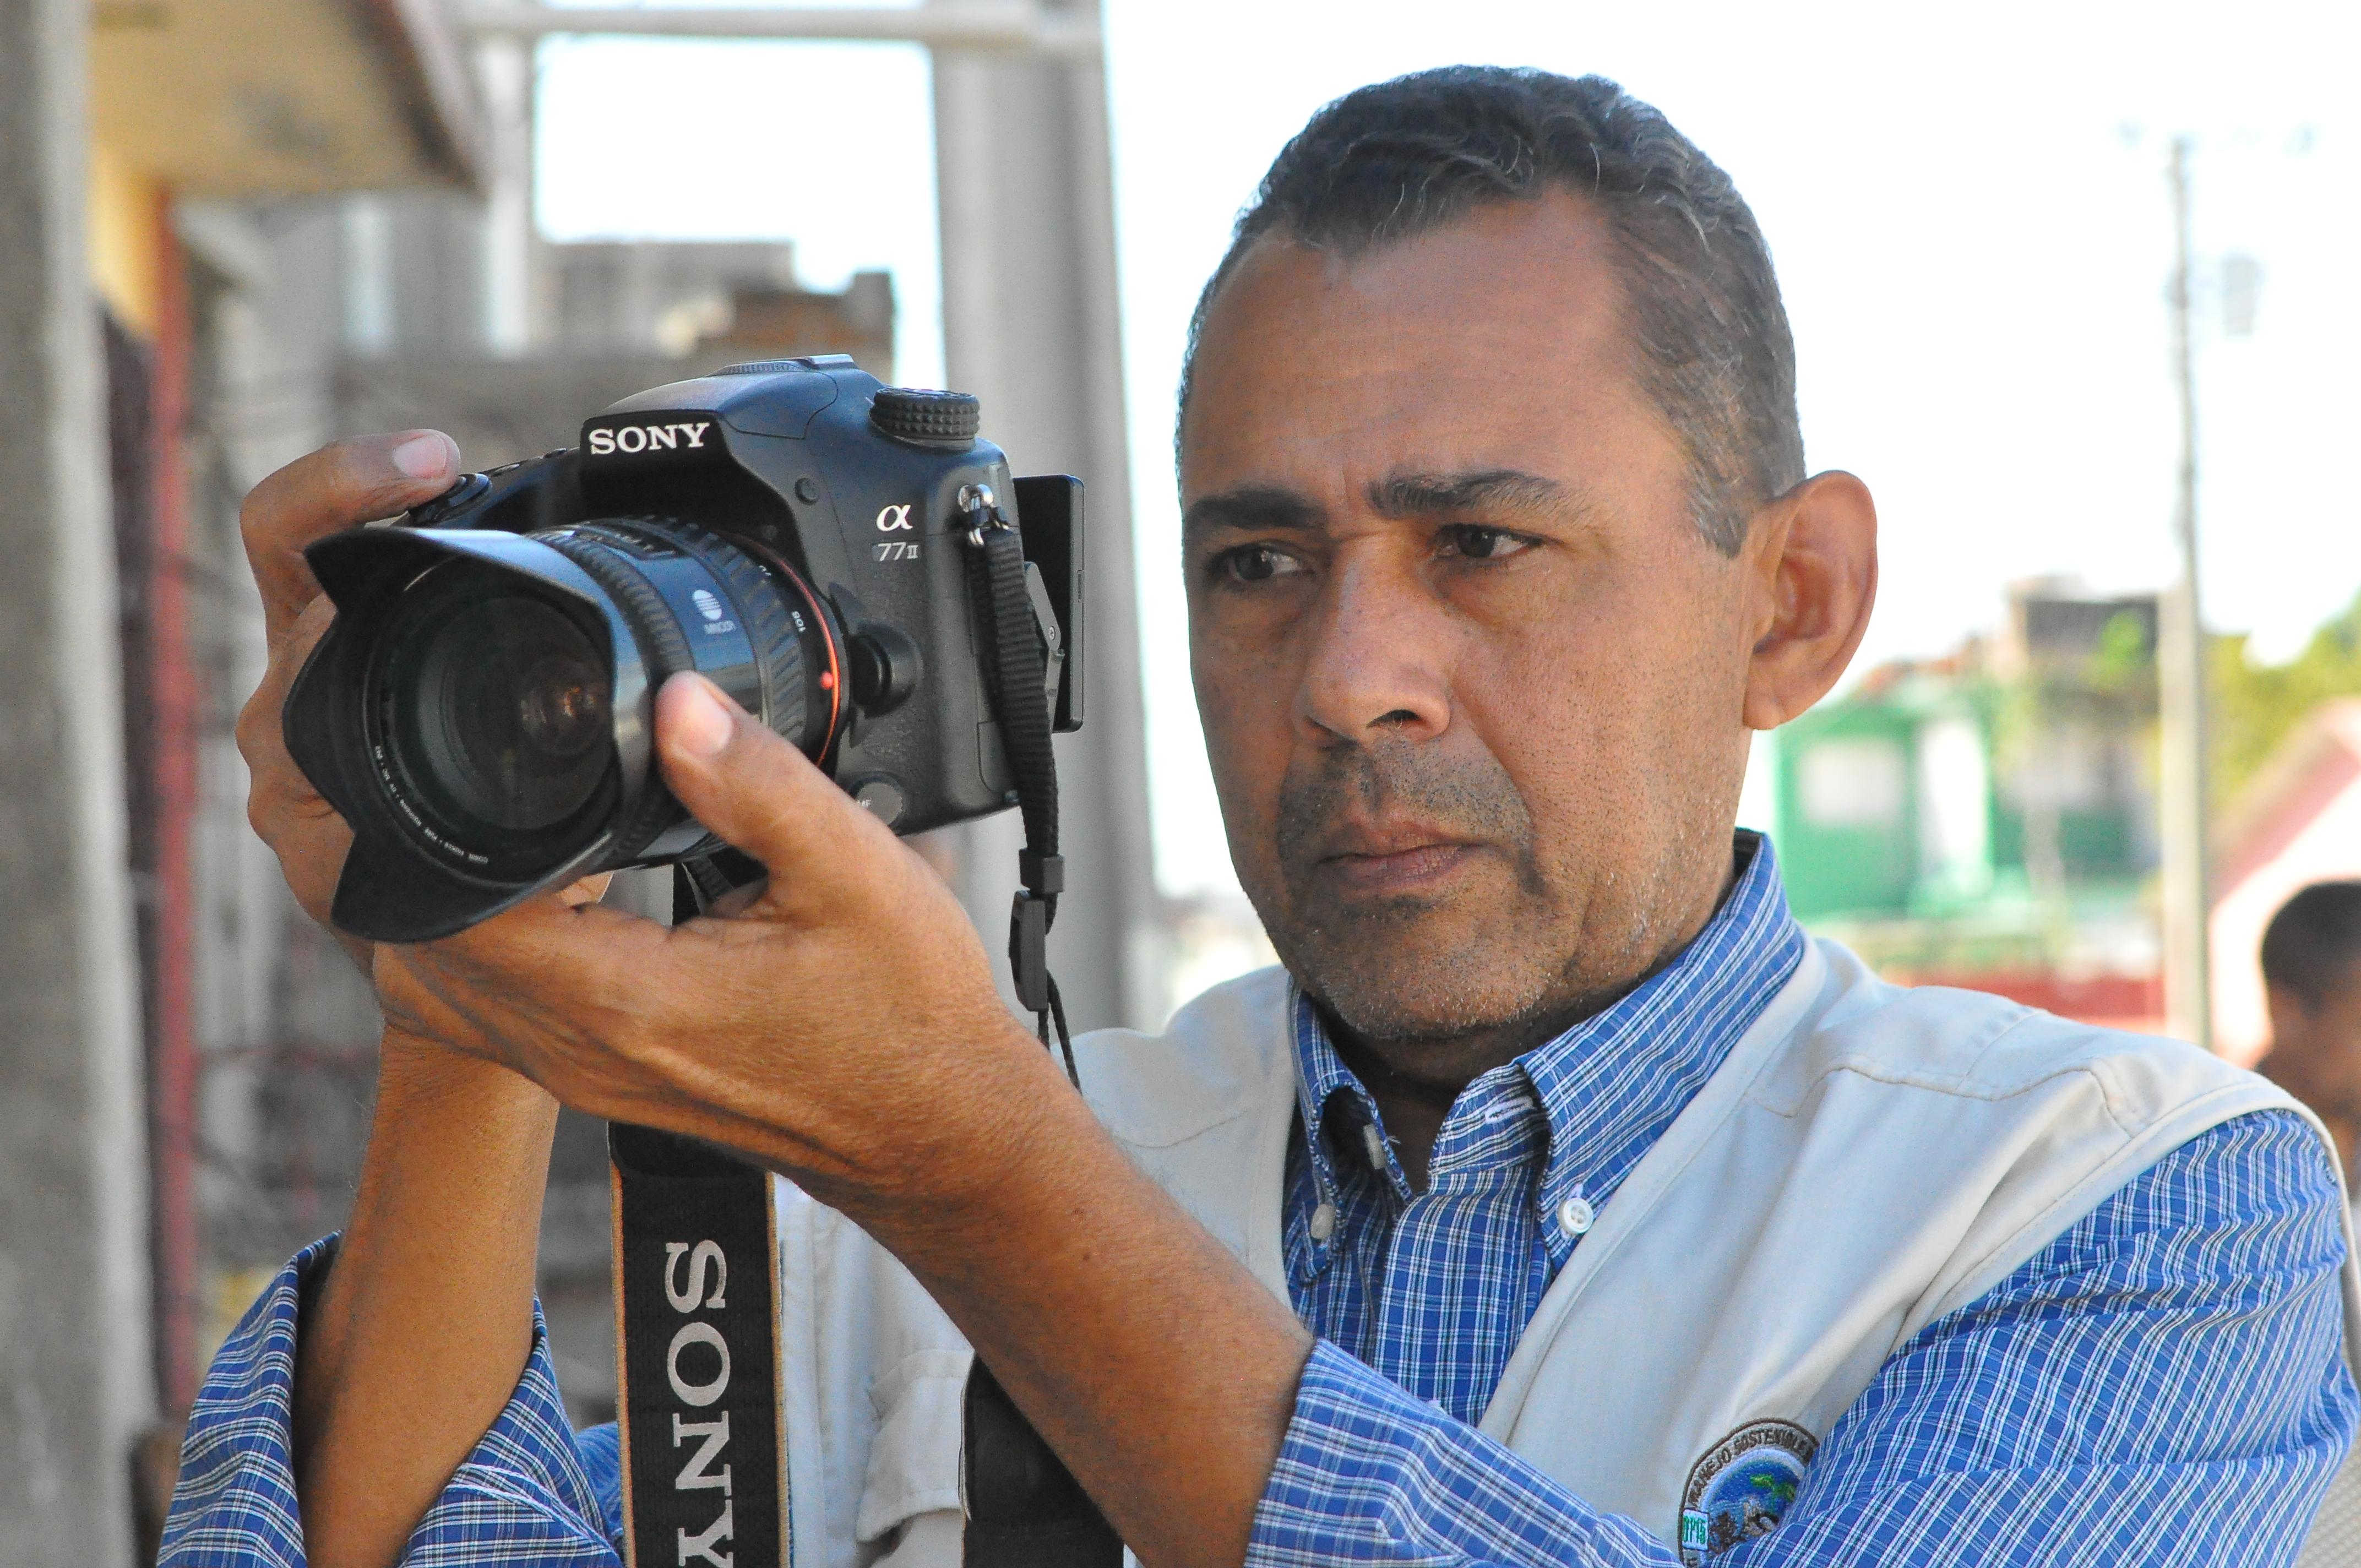 Daniel Casanova Sánchez: La vida, más allá de una cámara Sony